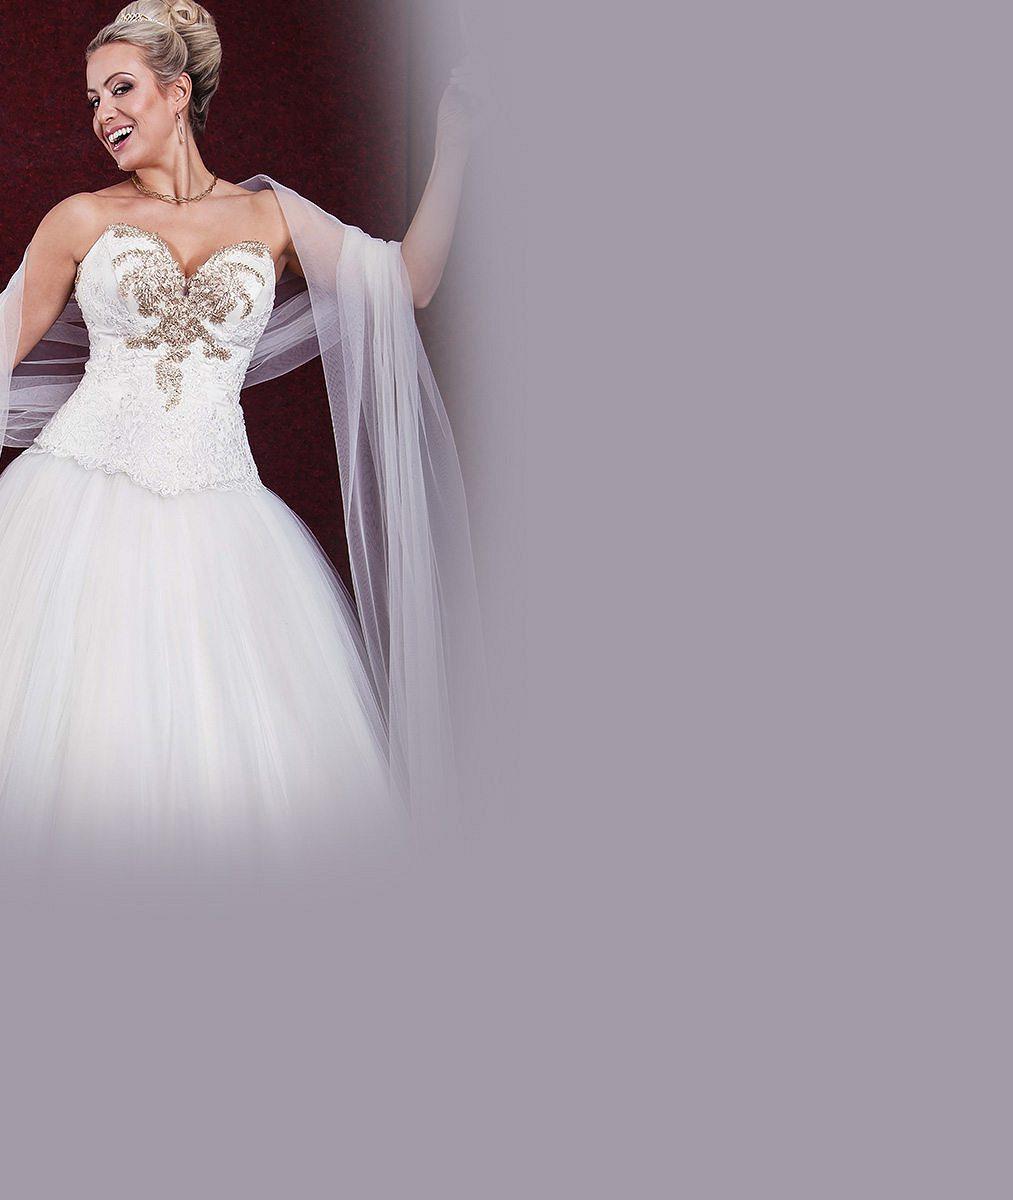 Chtějí být za princezny: Svatební šaty, ve kterých se chce vdát Eliška Bučková, okouzlily i Terezu Mátlovou